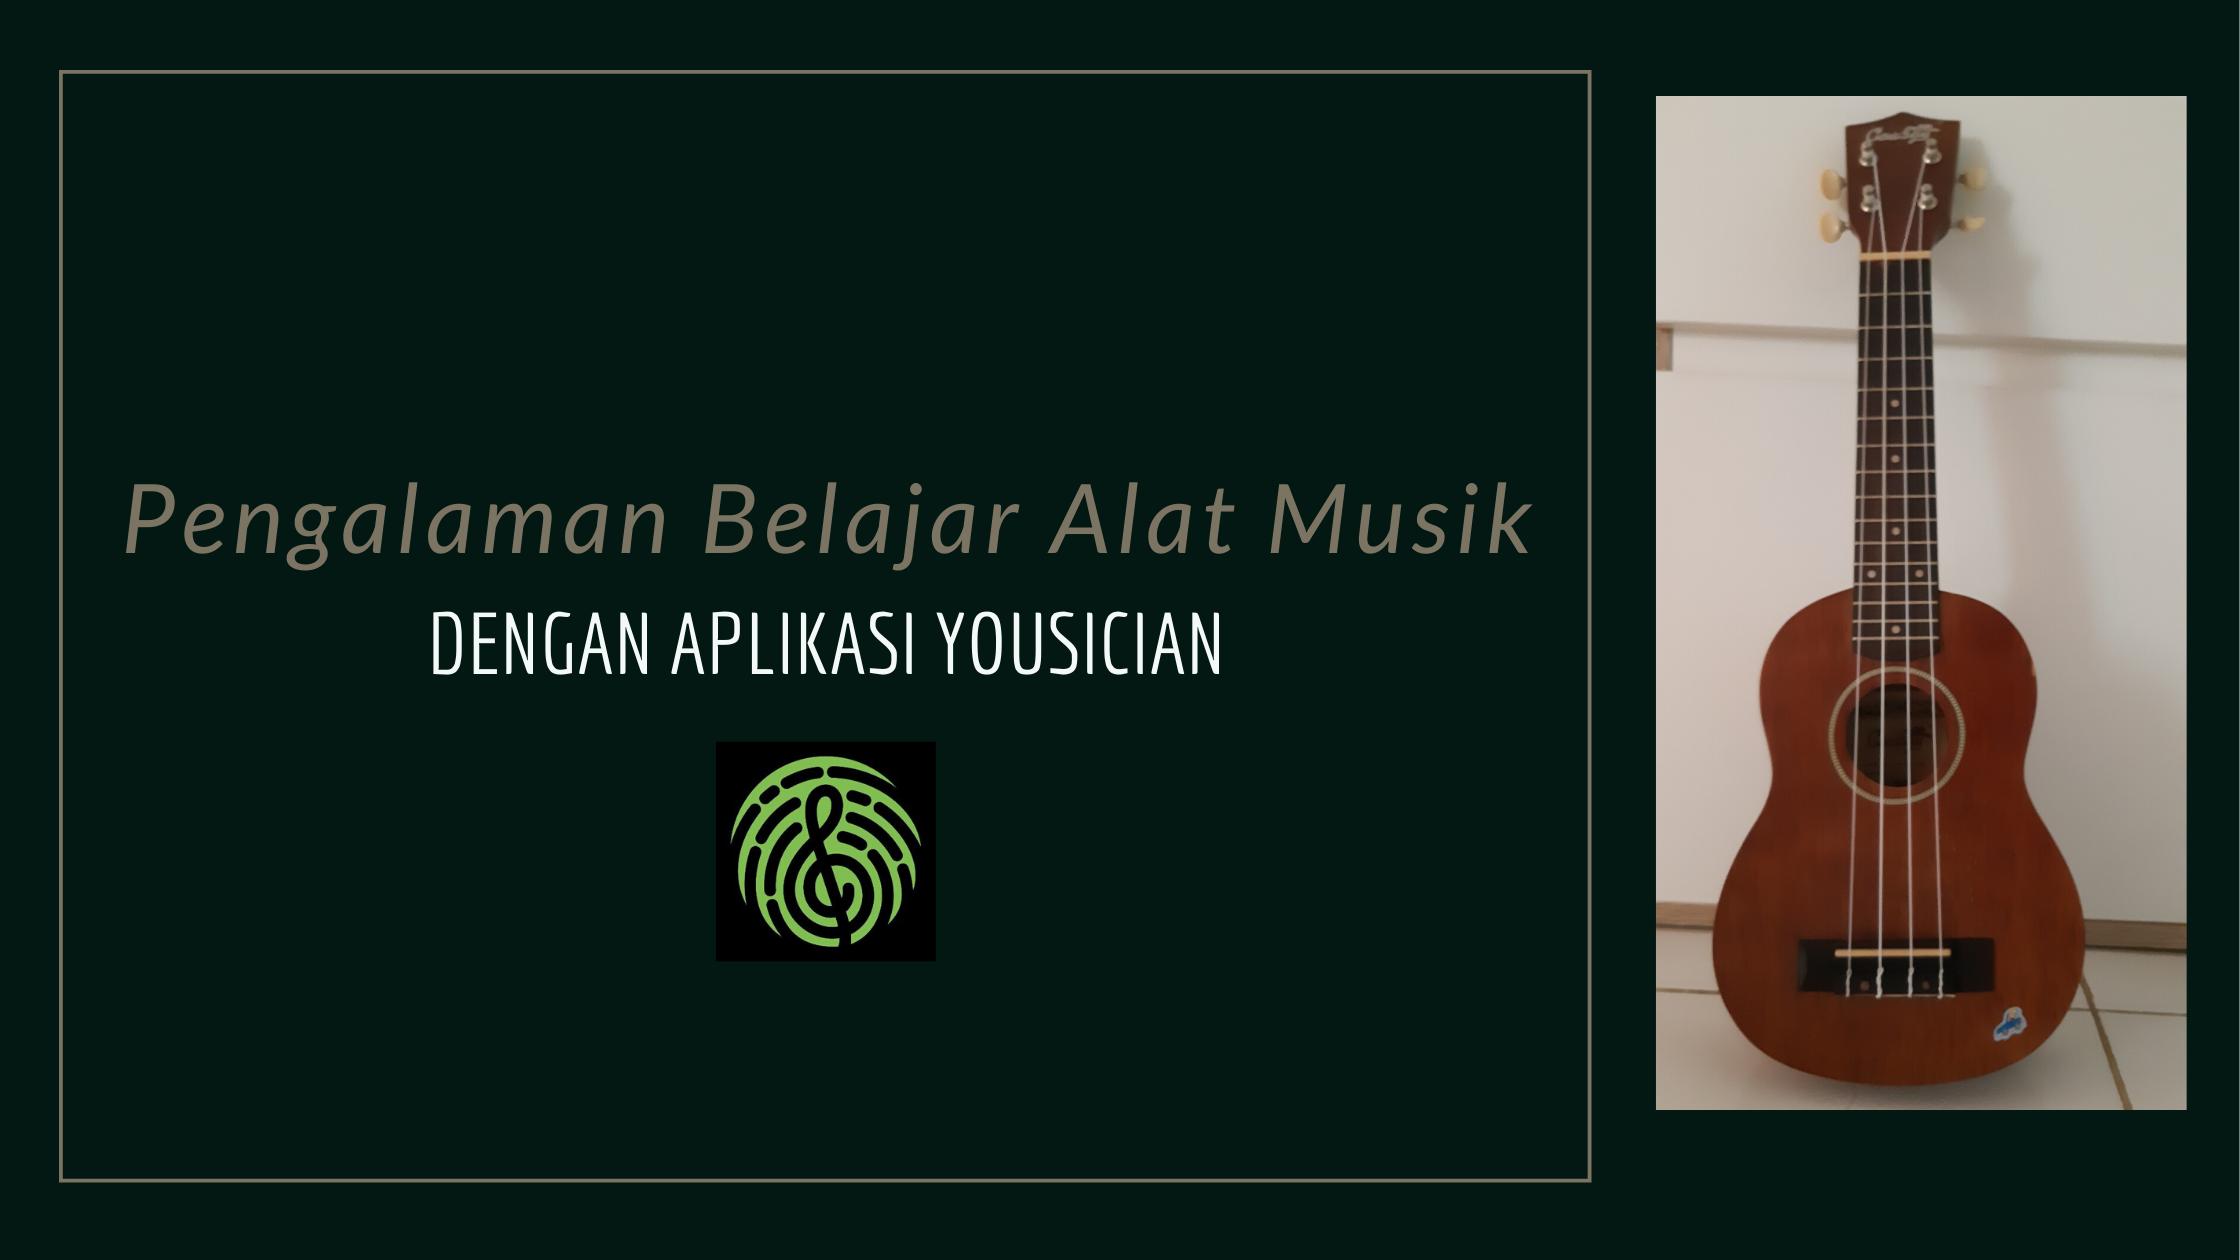 Belajar Alat Musik dengan Aplikasi Yousician